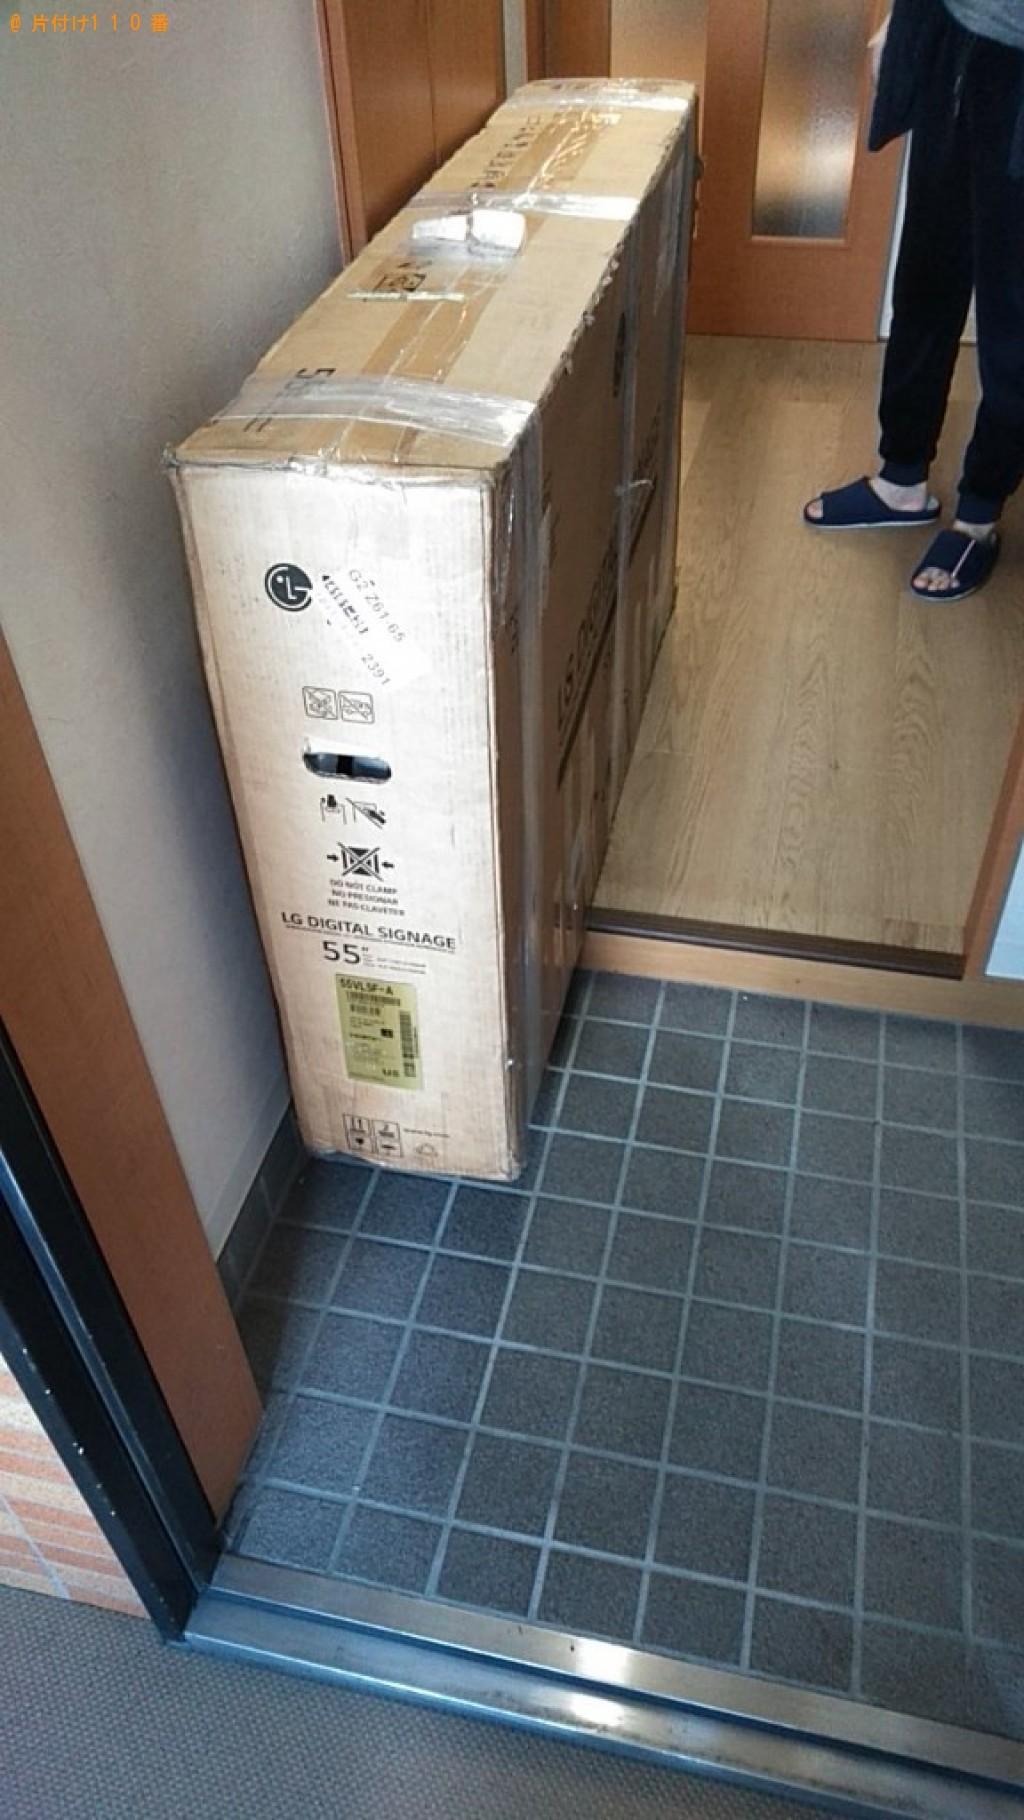 【長野市】液晶モニターの回収・処分ご依頼 お客様の声